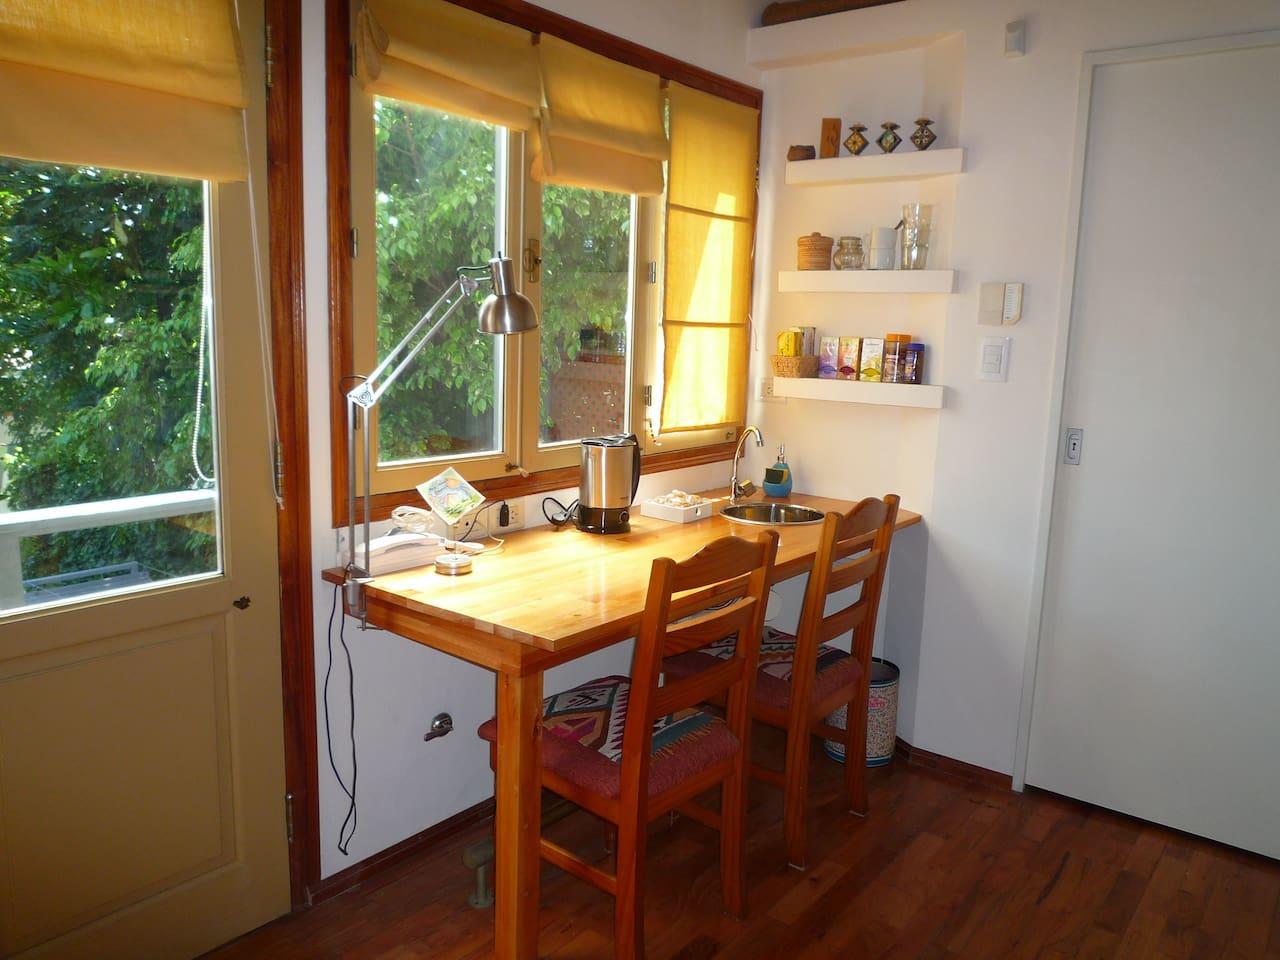 mesa donde puedes desayunar, contemplar el jardín, reflexionar, compartir una linda charla...